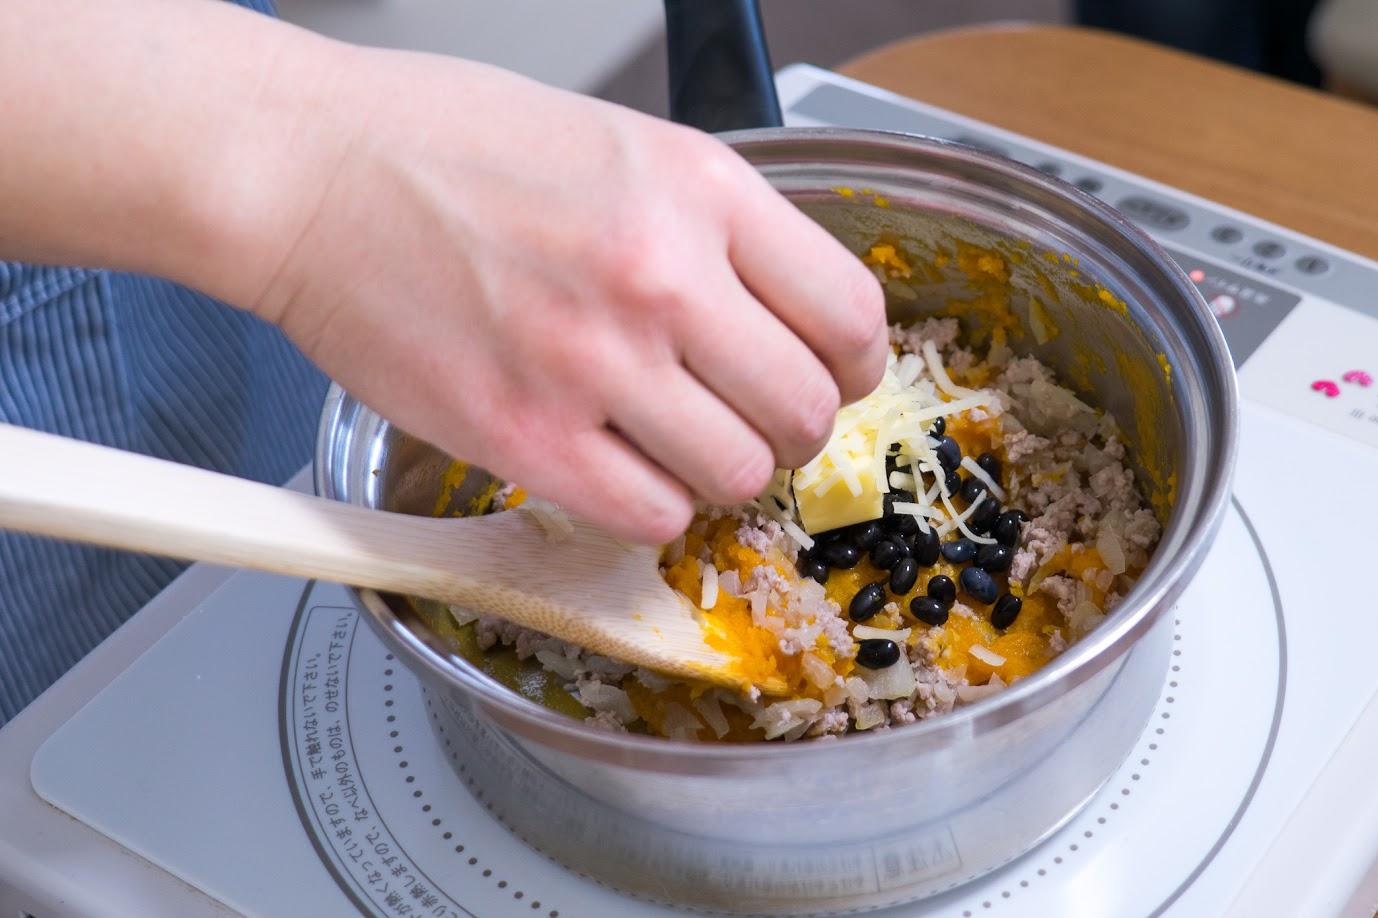 黒千石大豆と南瓜のスコップコロッケ:その他の材料を入れる